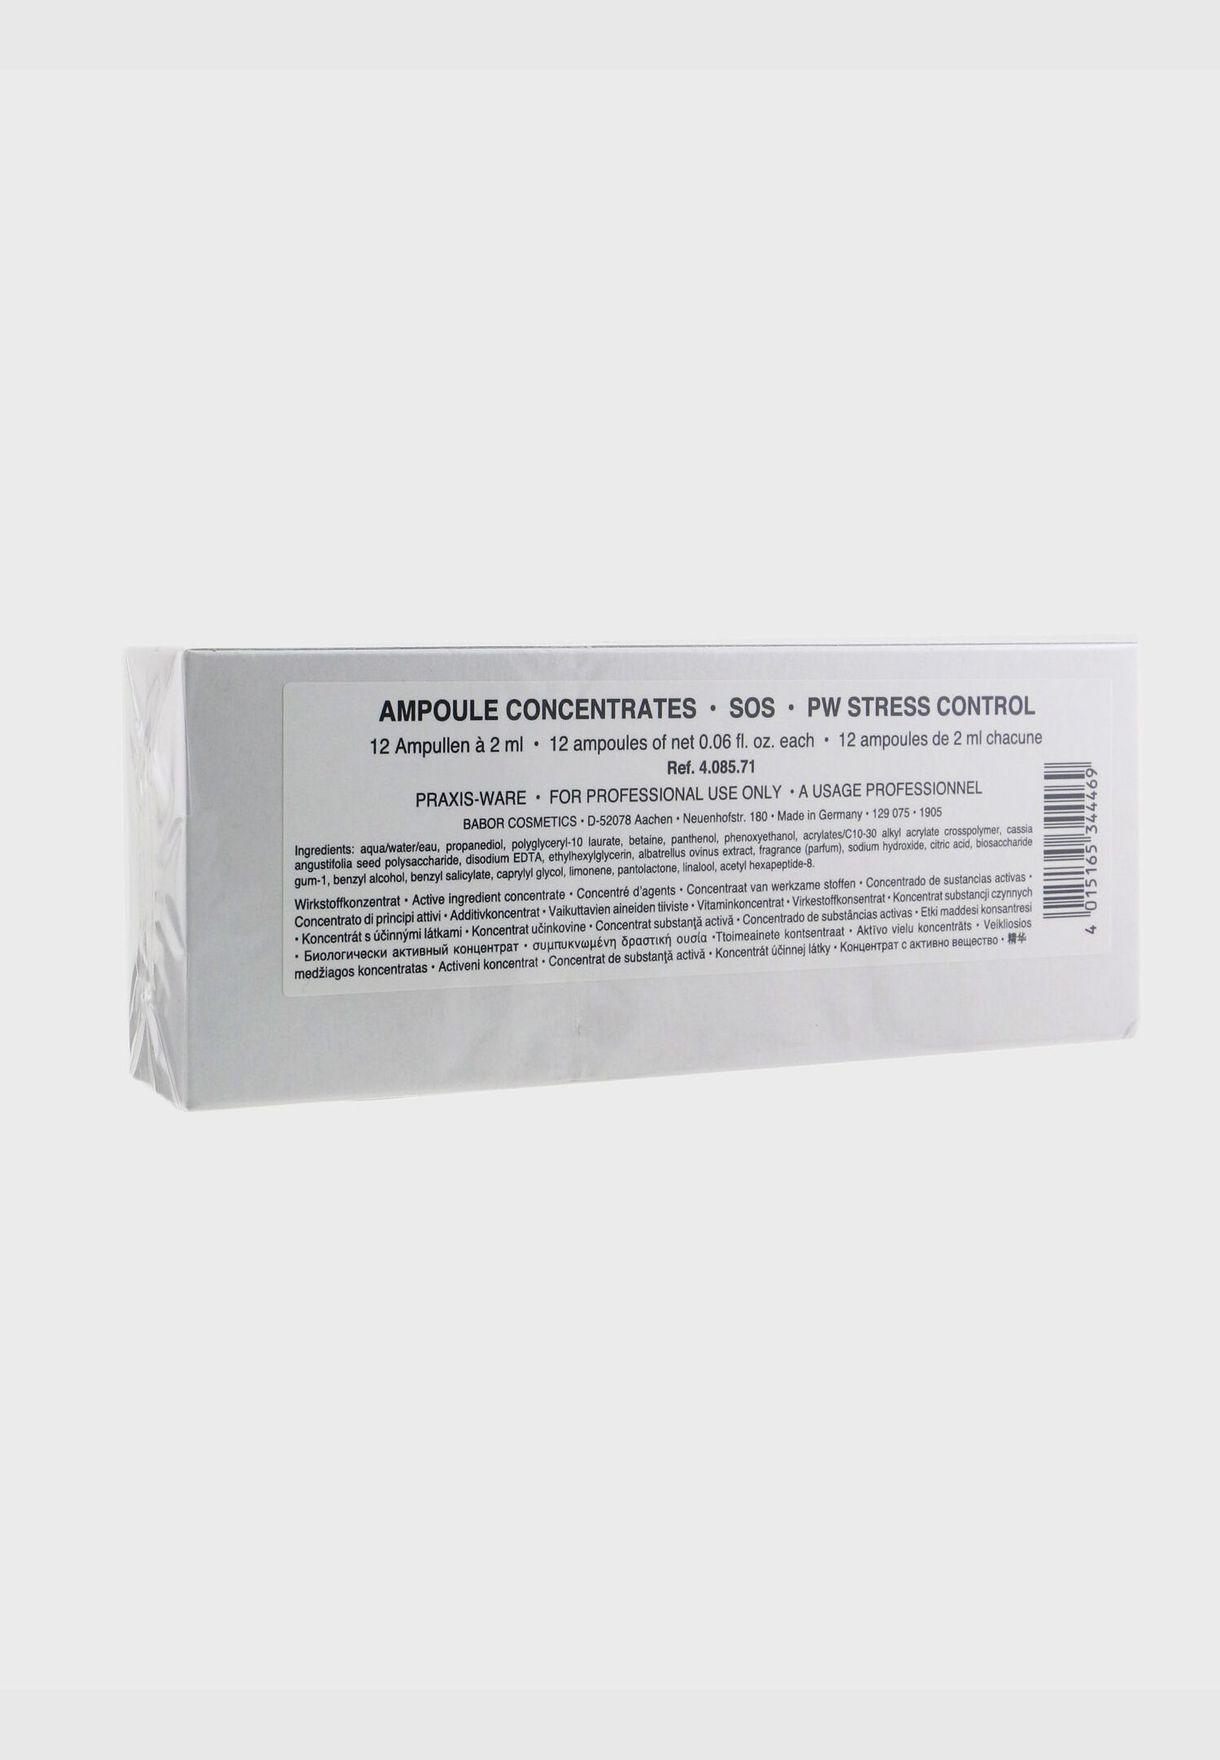 محلول أمبولات لضبط التوتر (حجم صالون)